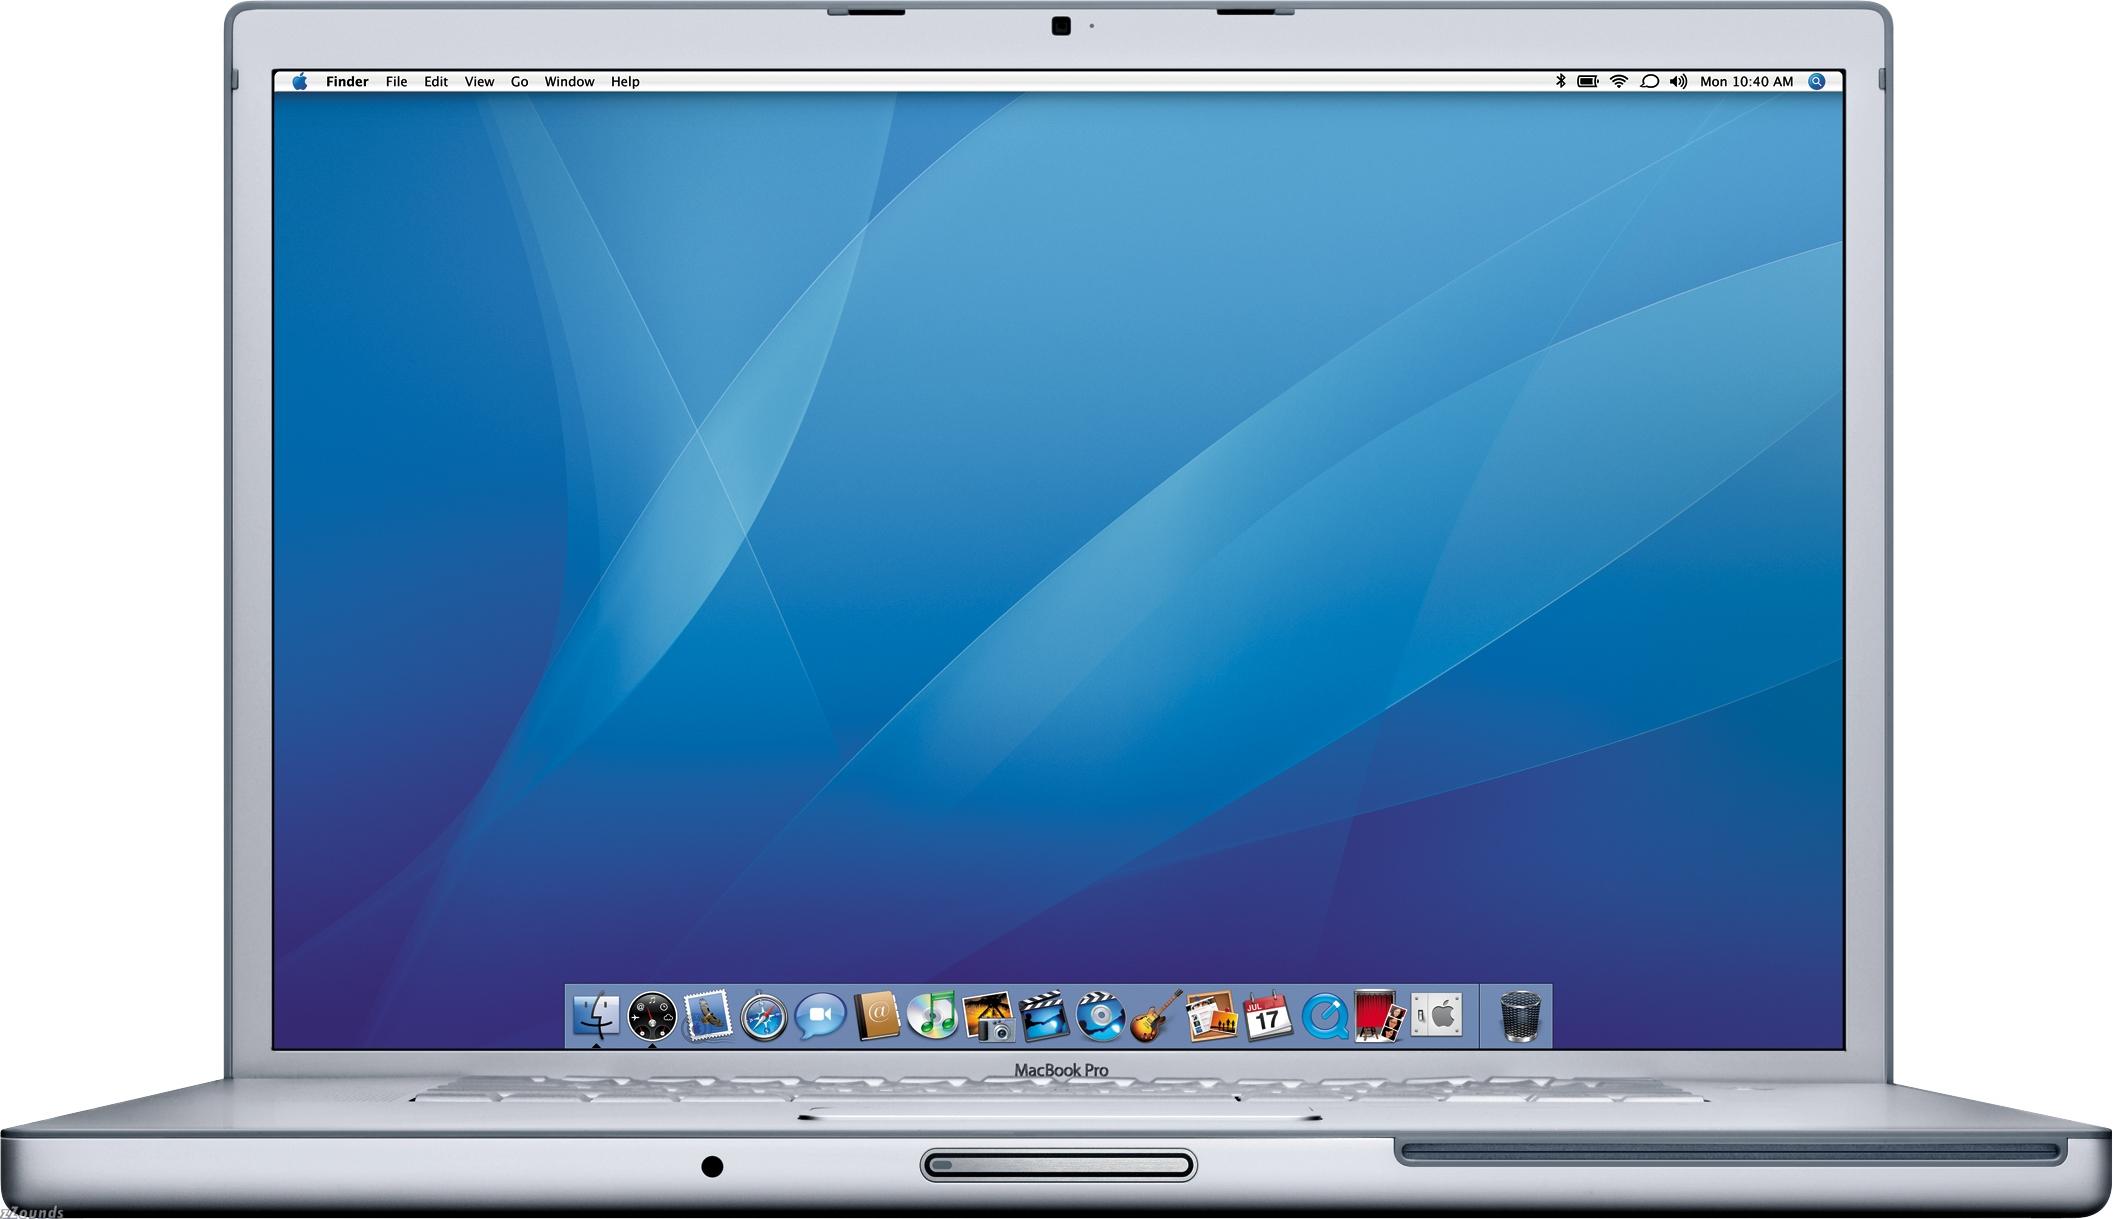 https://i1.wp.com/media.zzounds.com/media/brand,zzounds/MacBookPro17_PFopen_PRINT-8b55fb0a7421d76b25c173a156c39257.jpg